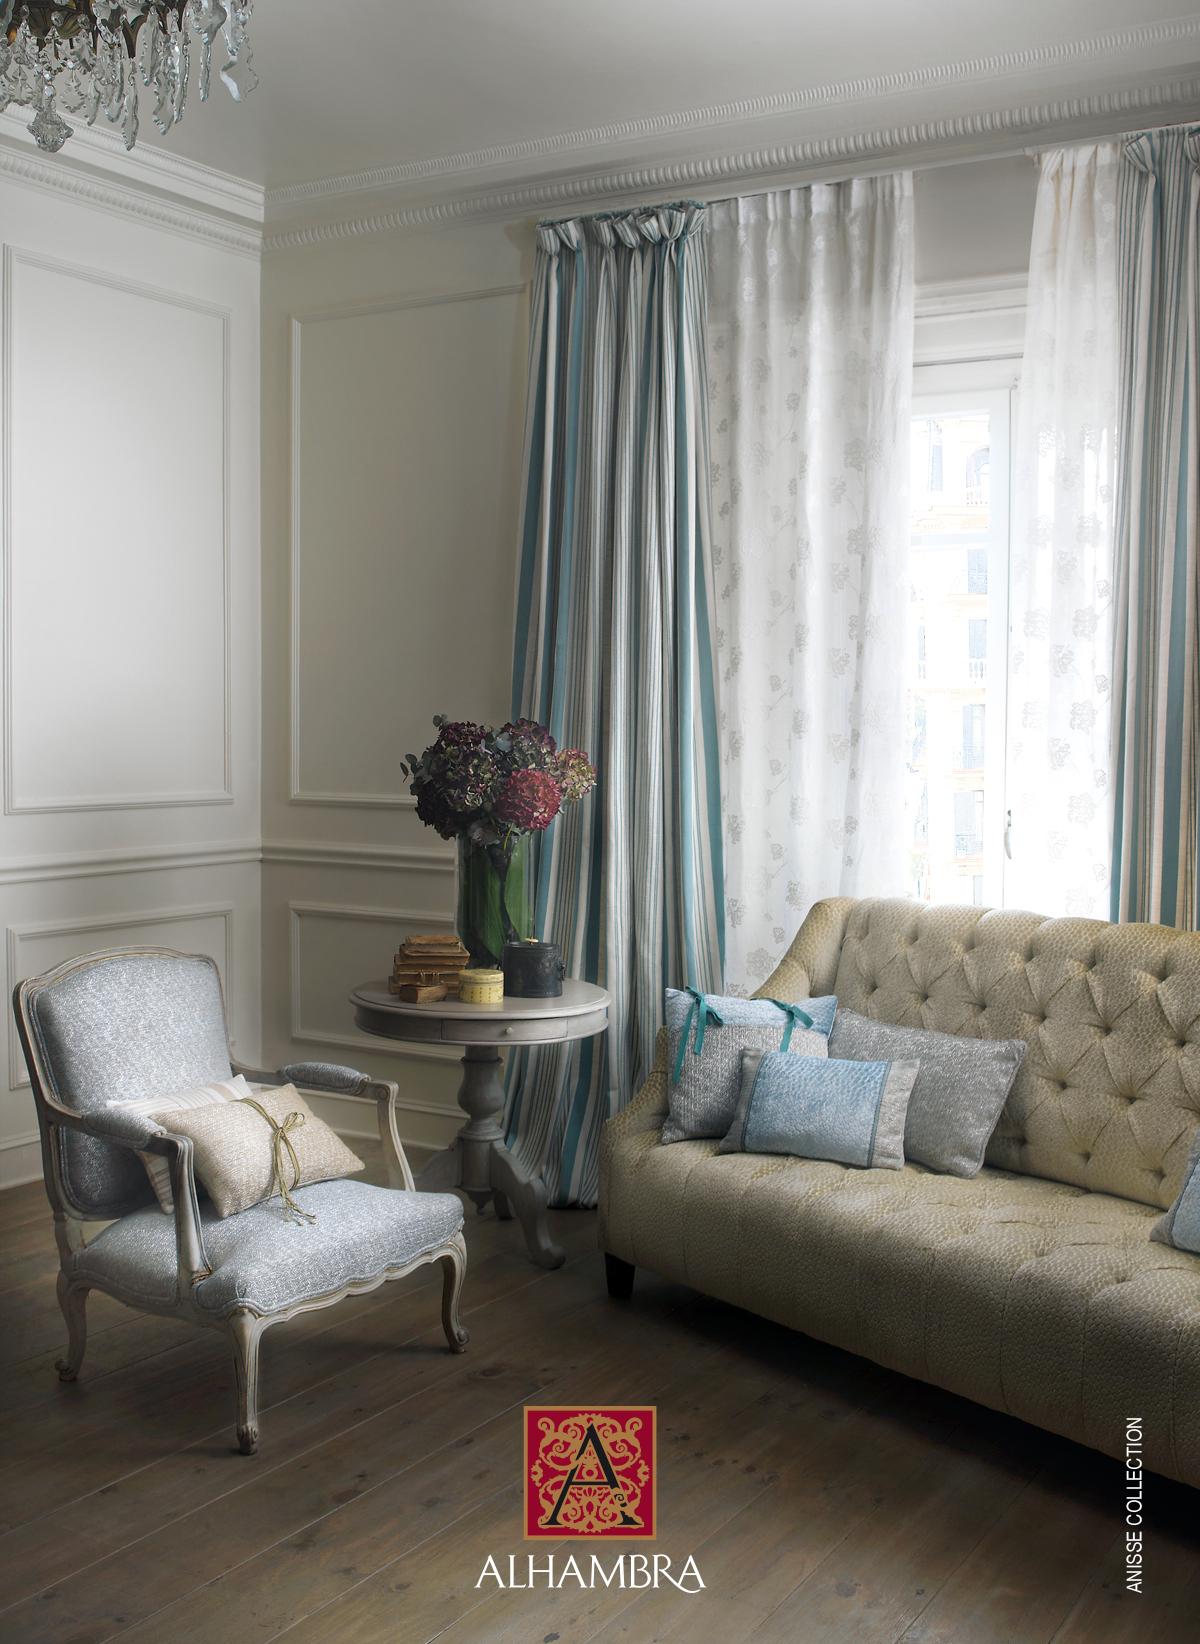 Decora con telas rom nticas villalba interiorismo - Telas para visillos cortinas ...